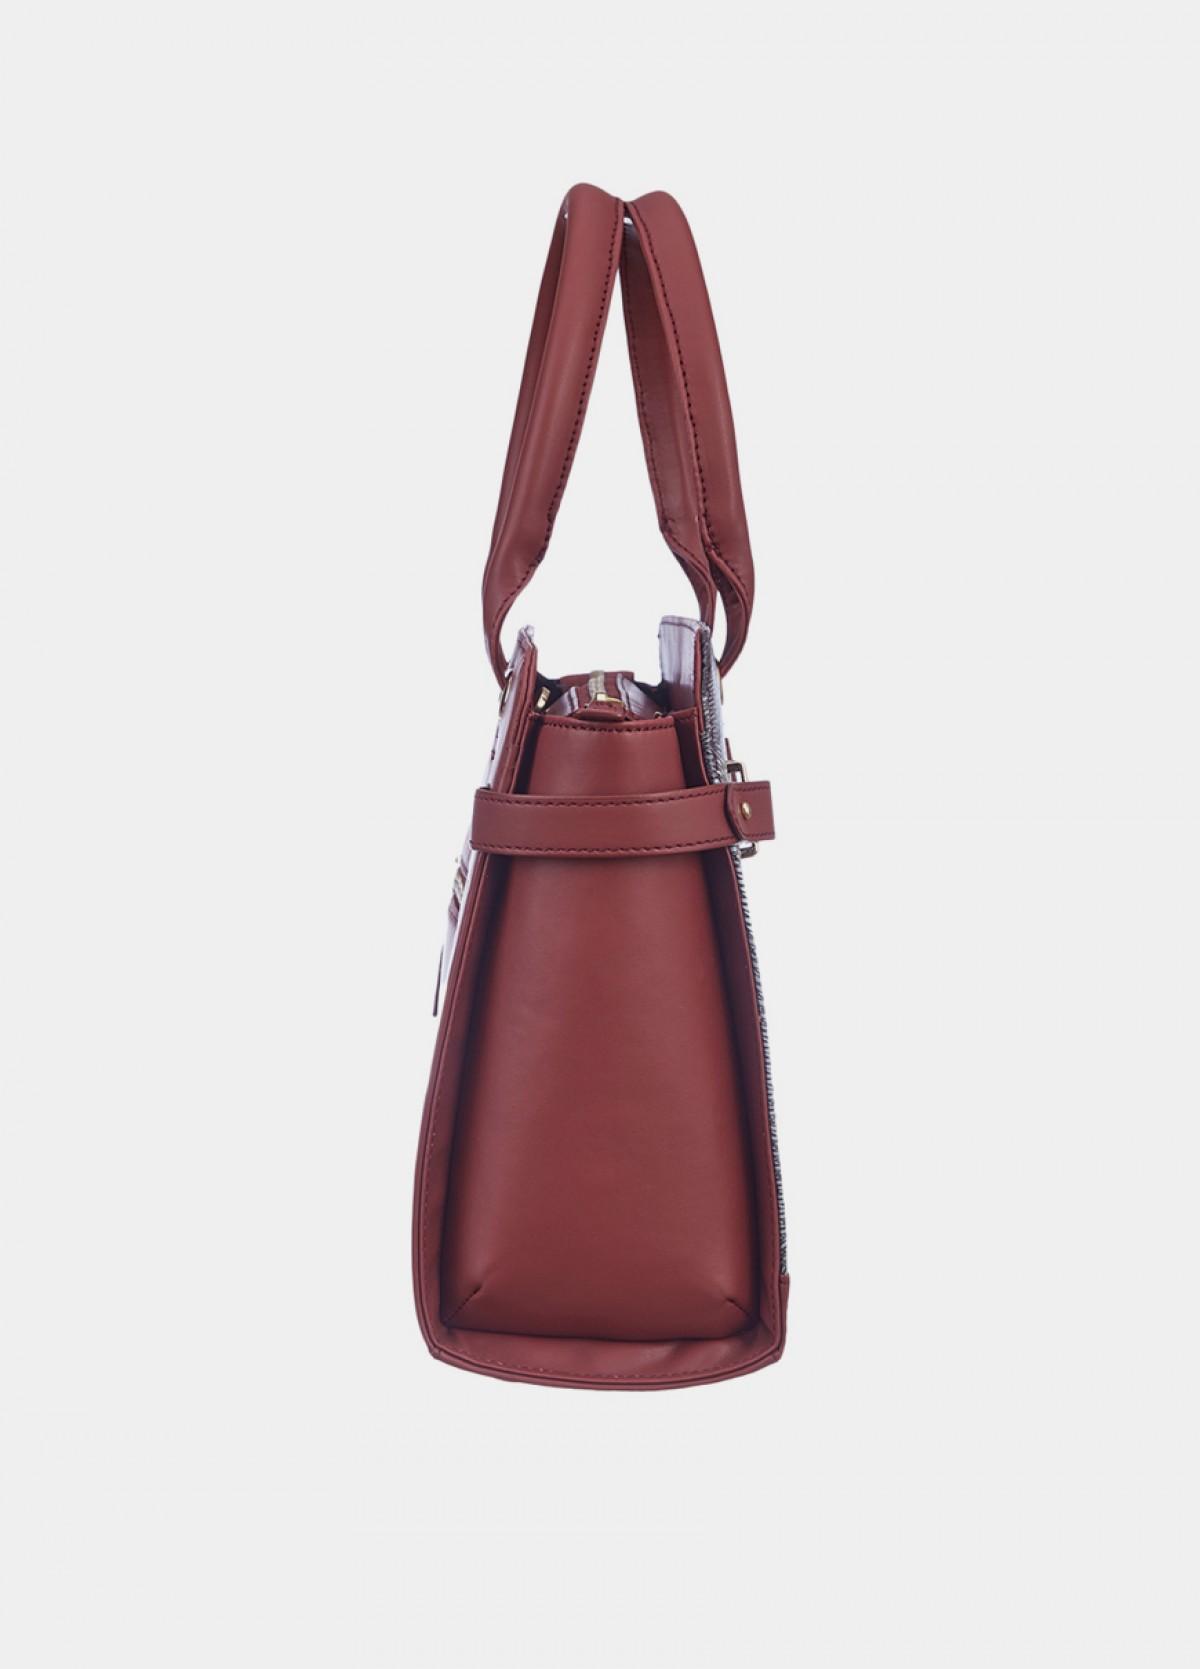 The Macchli Shoulder Bag